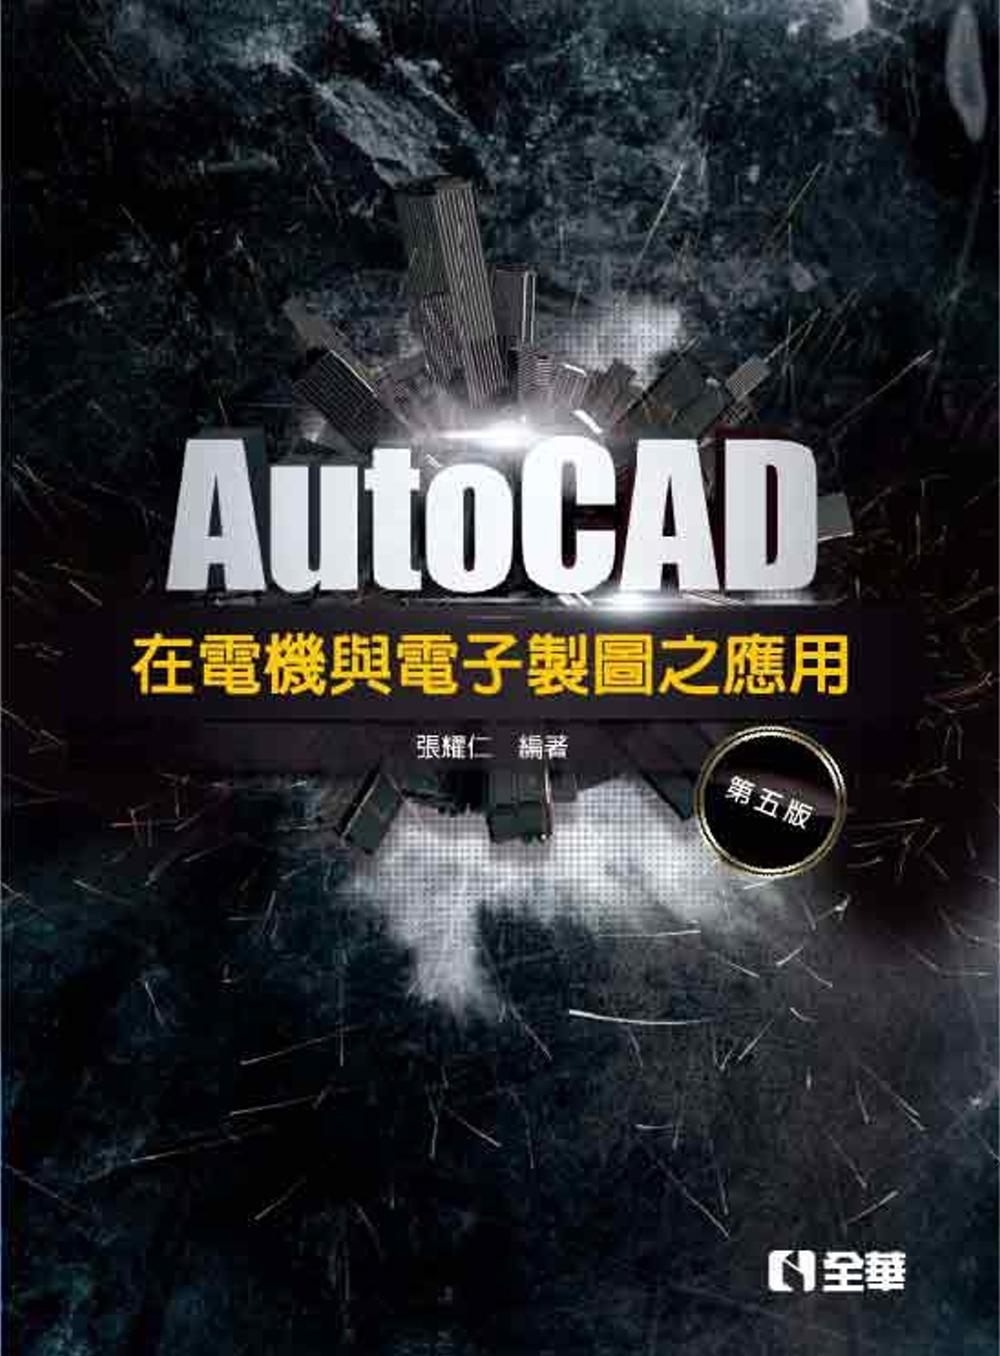 AutoCAD 在電機與電子製圖之應用(第五版)